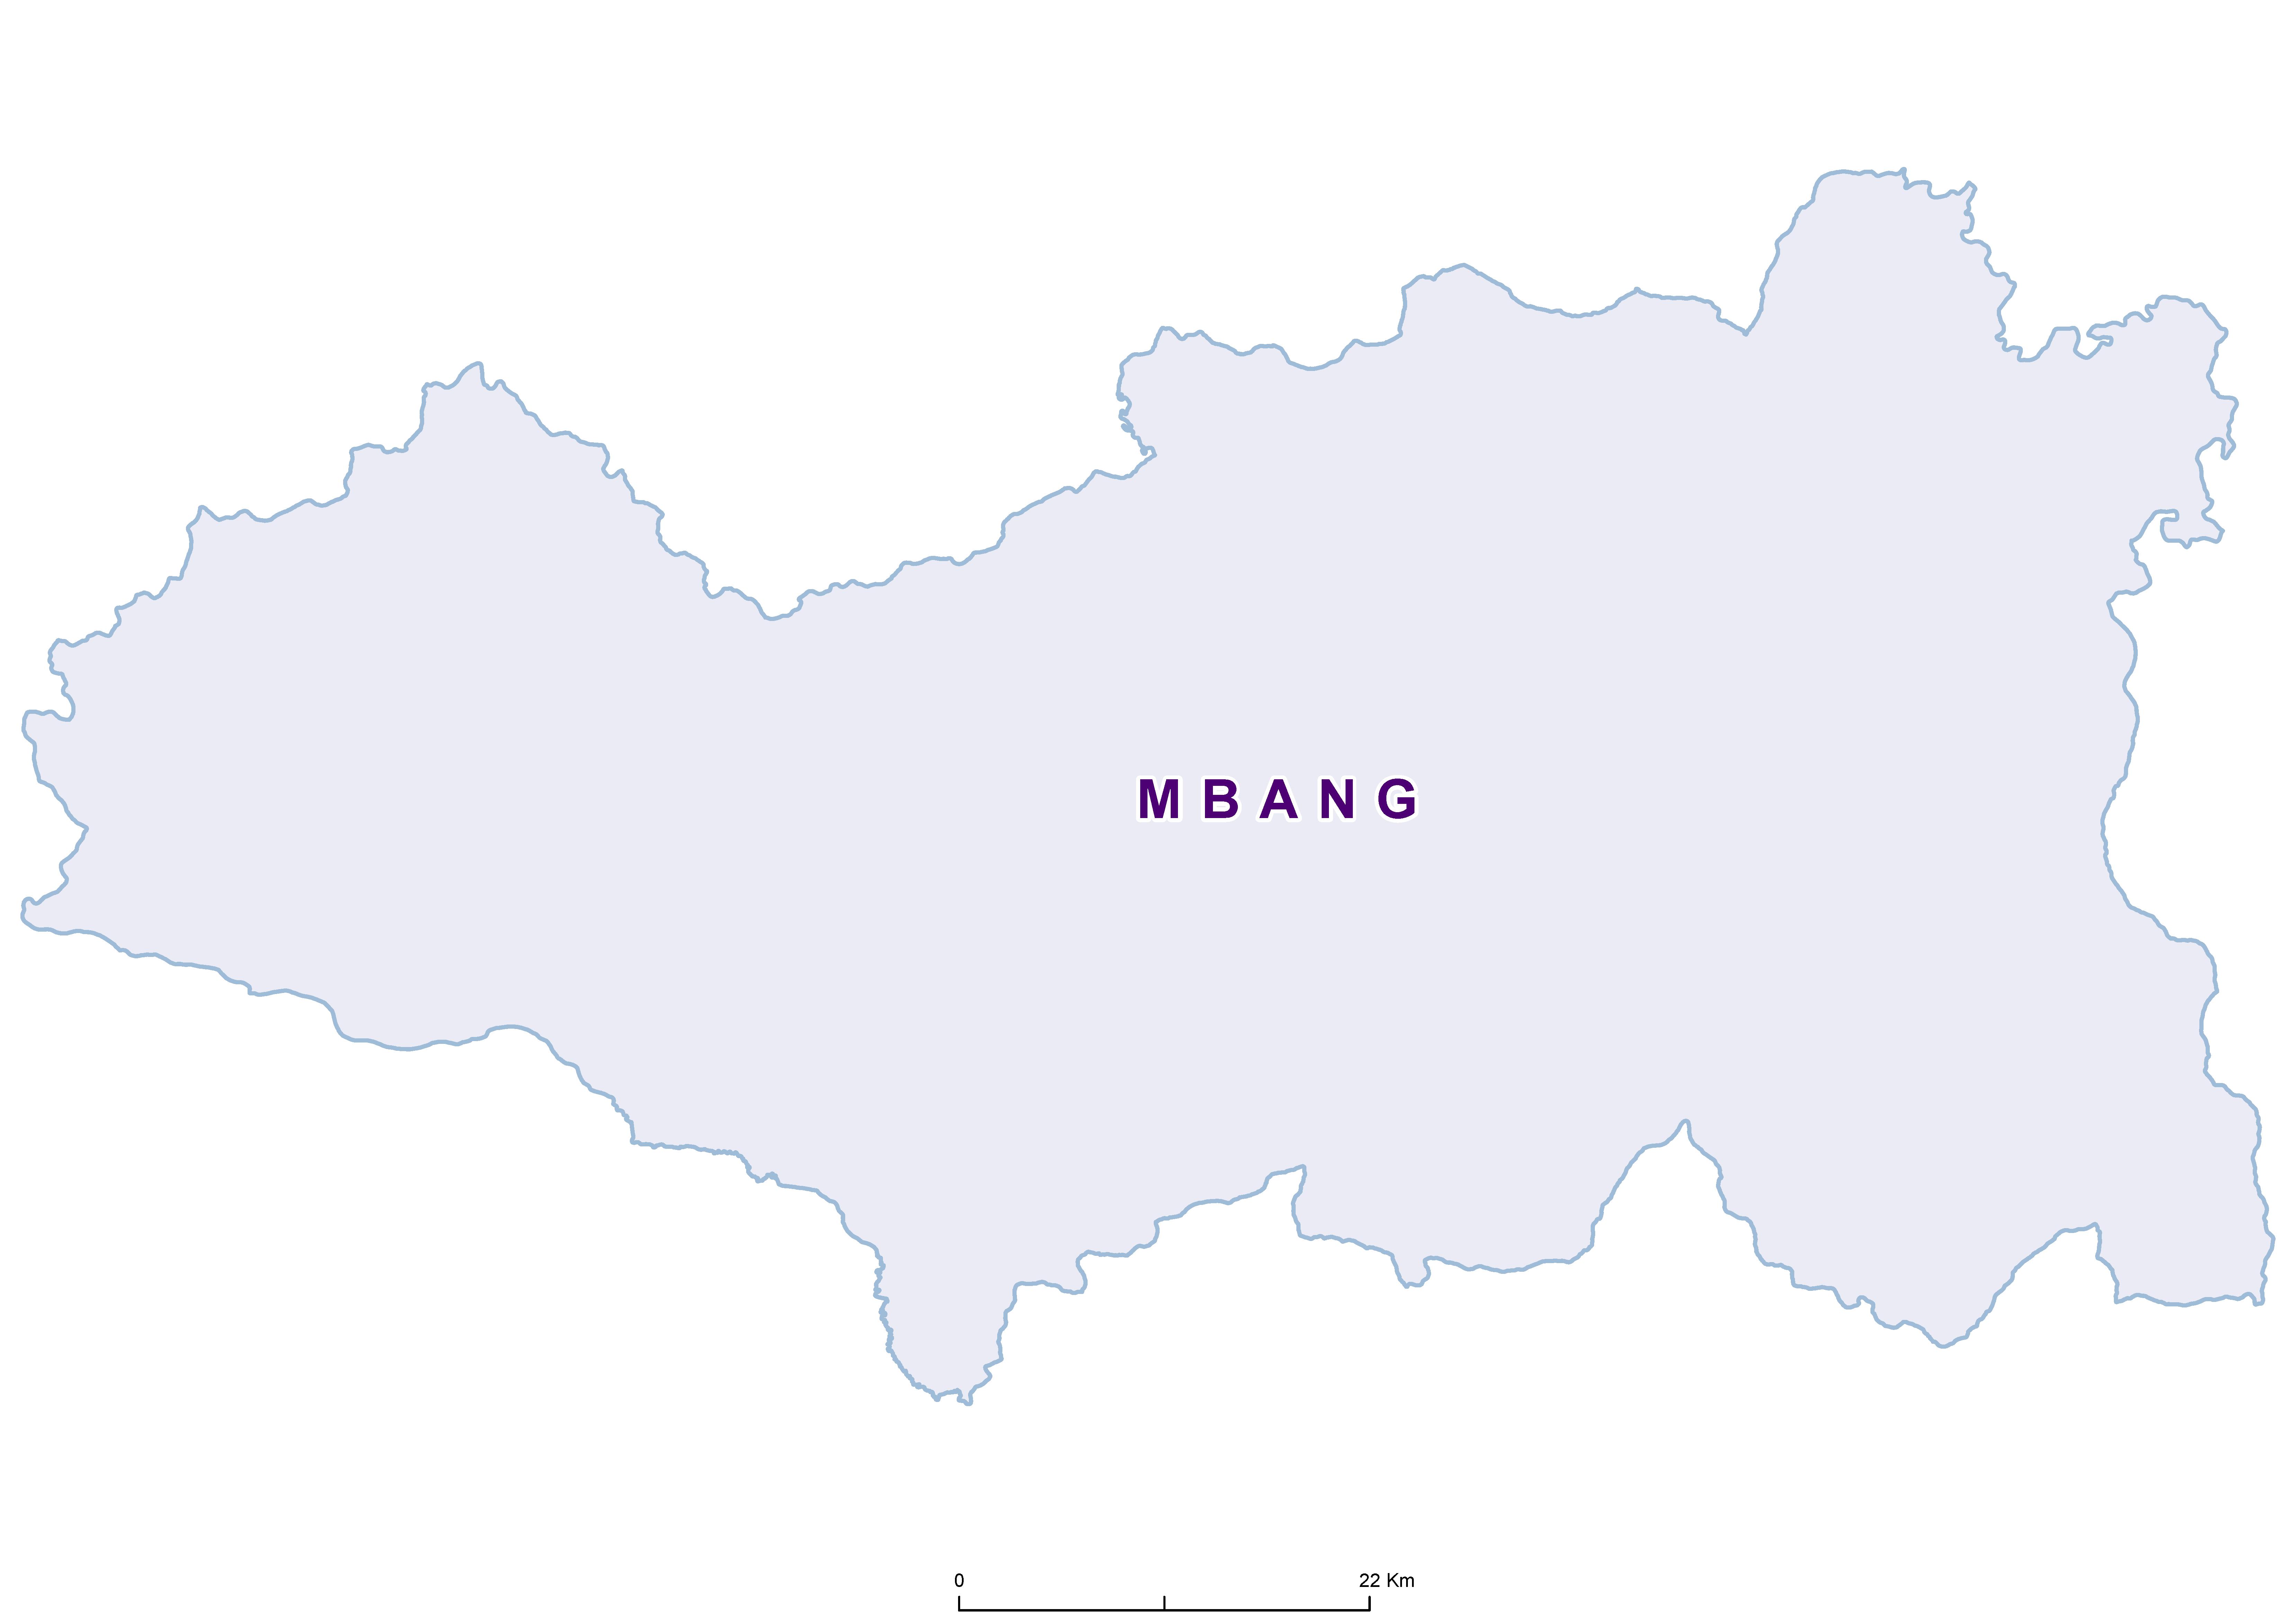 Mbang Max STH 20180001